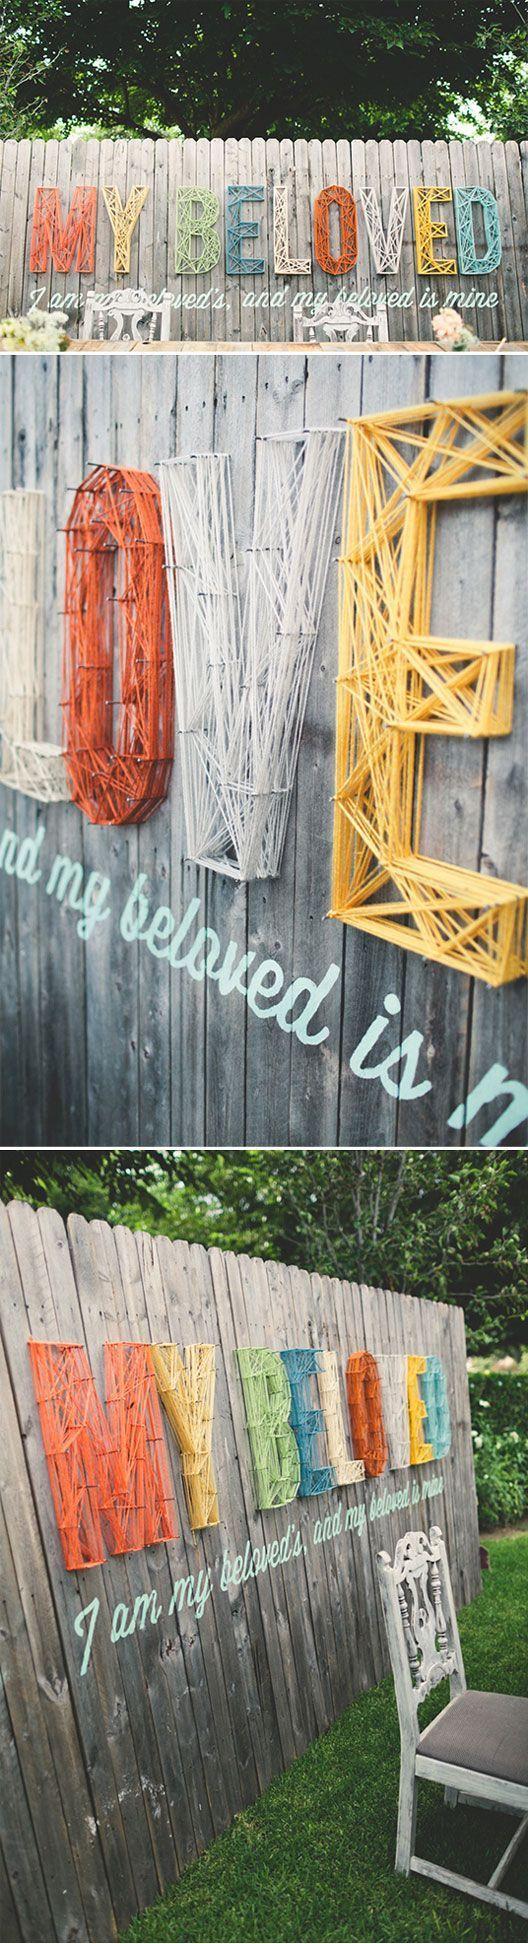 Comment décorer la clôture de son jardin?   BricoBistro